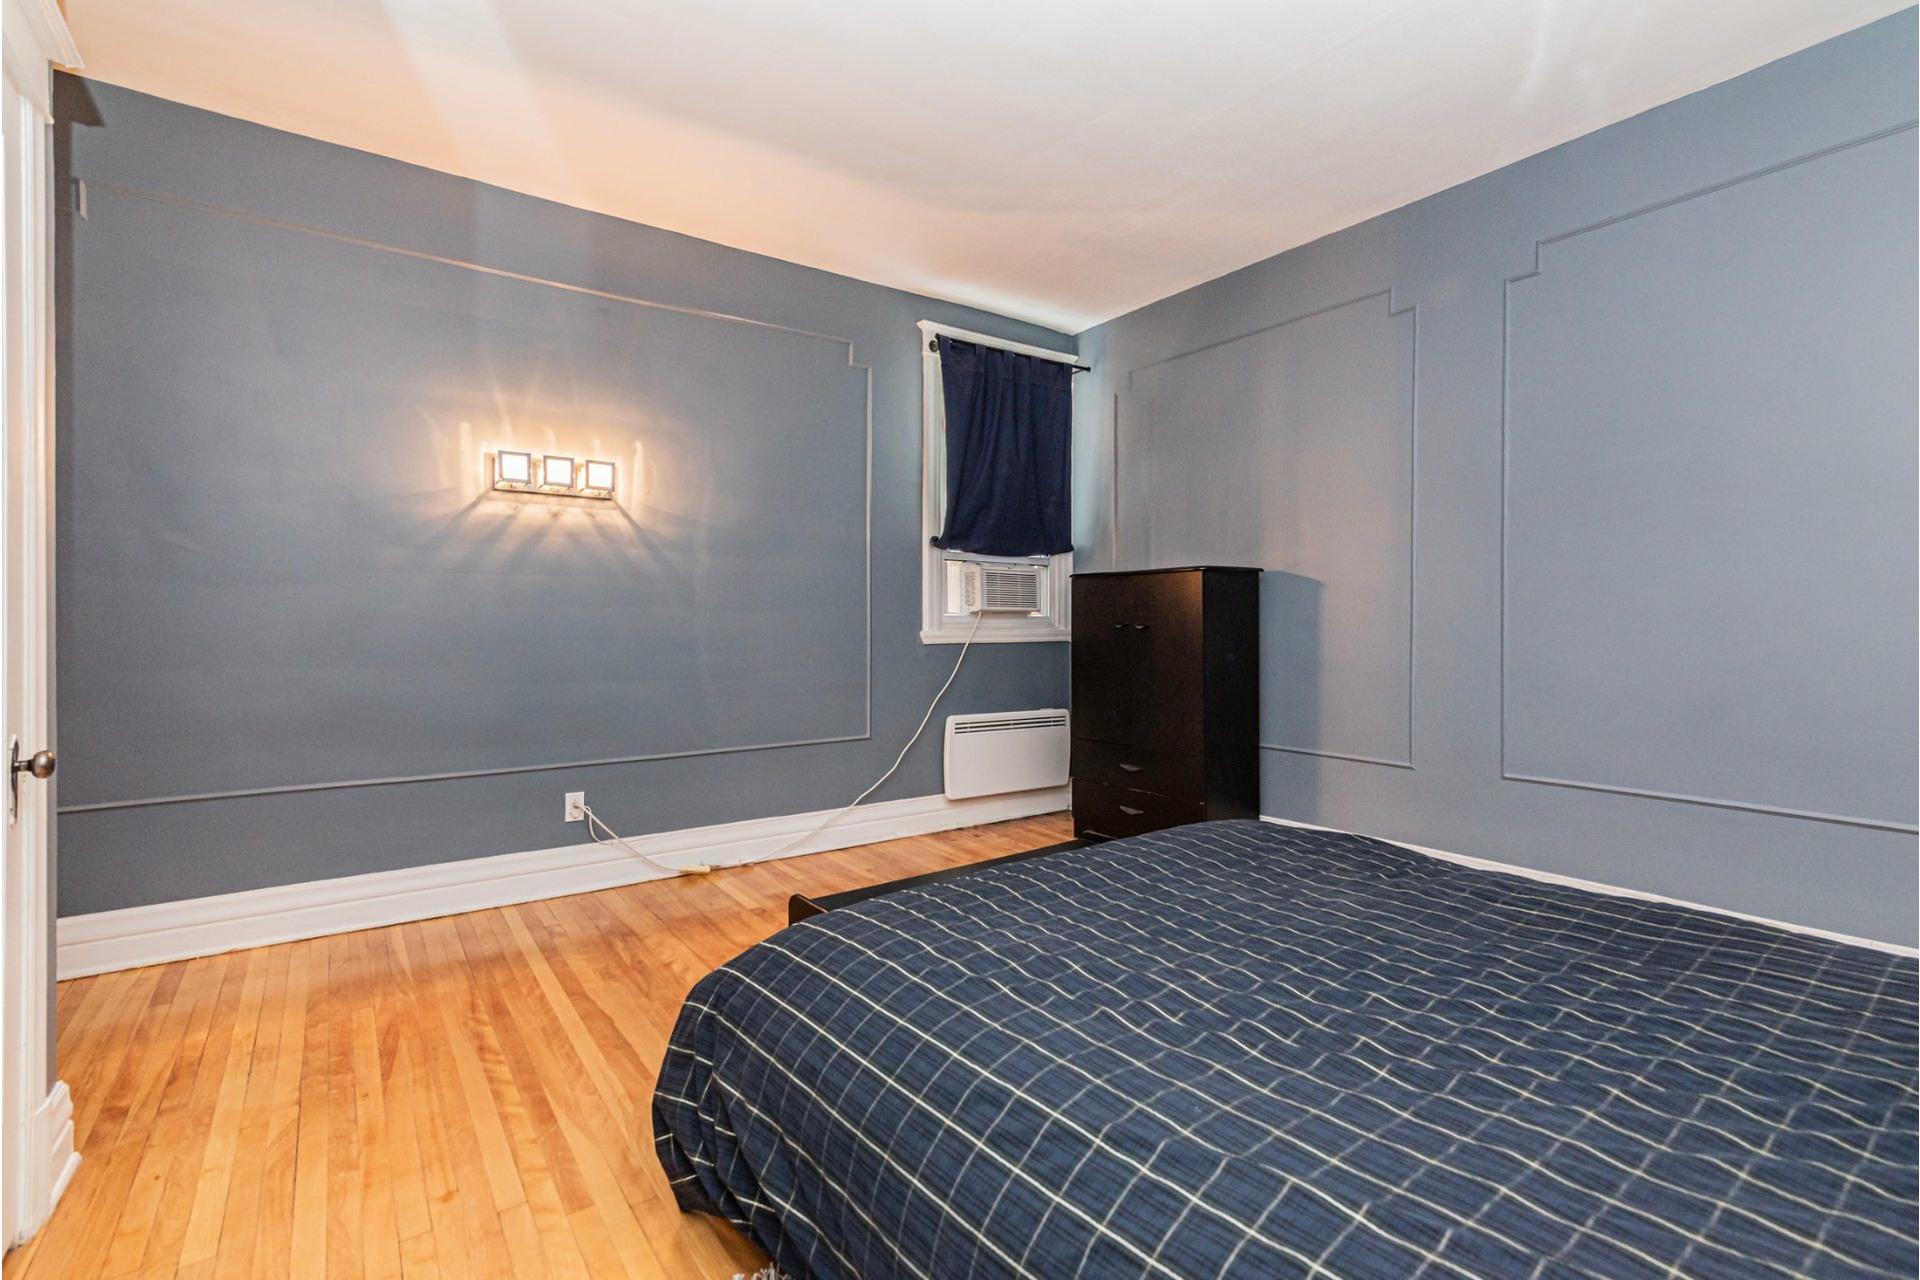 image 5 - Appartement À vendre Côte-des-Neiges/Notre-Dame-de-Grâce Montréal  - 7 pièces